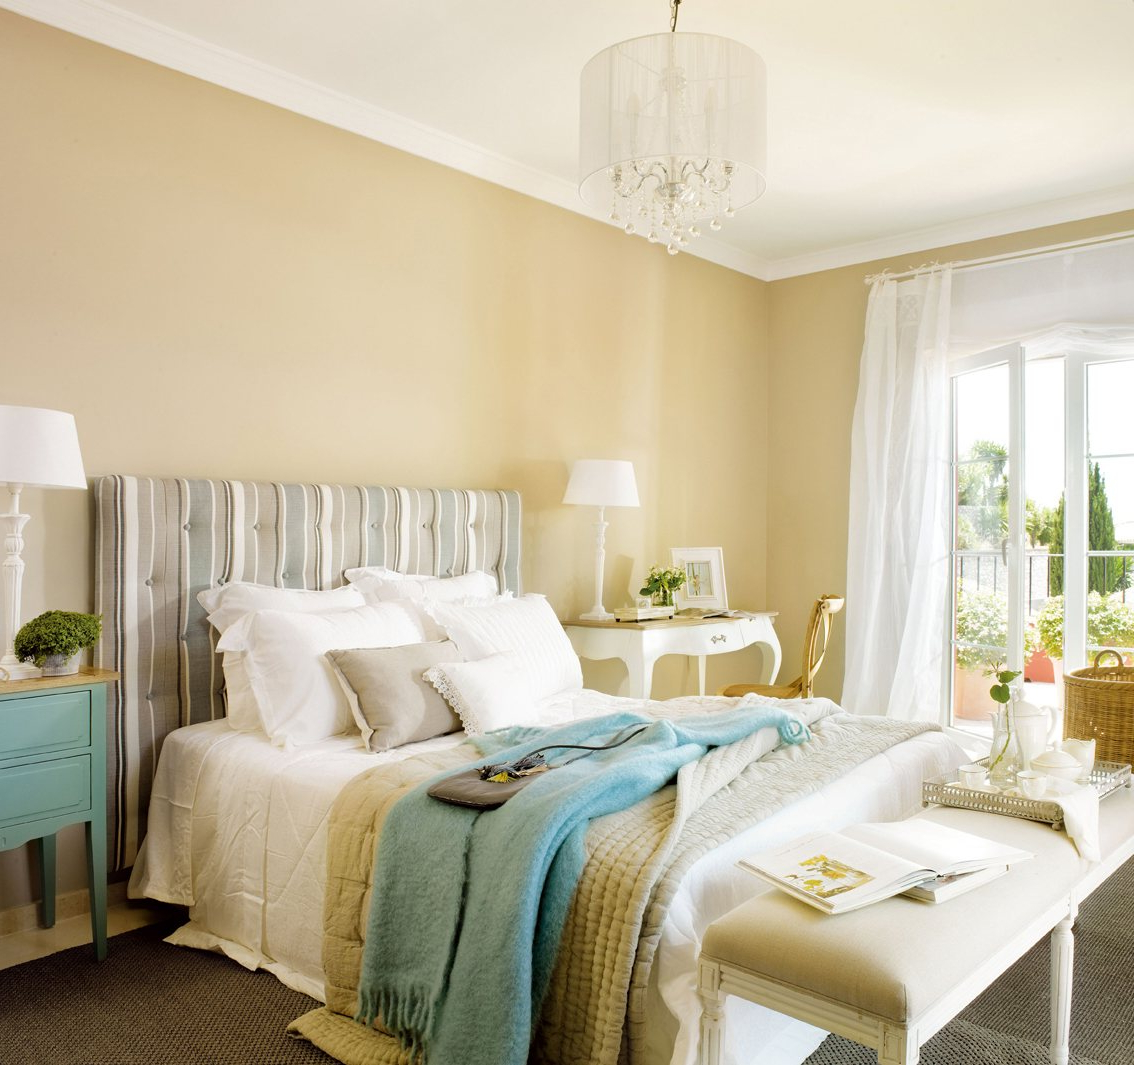 Revista El Mueble Dormitorios Fmdf 12 Dormitorios Renovados Por El Mueble